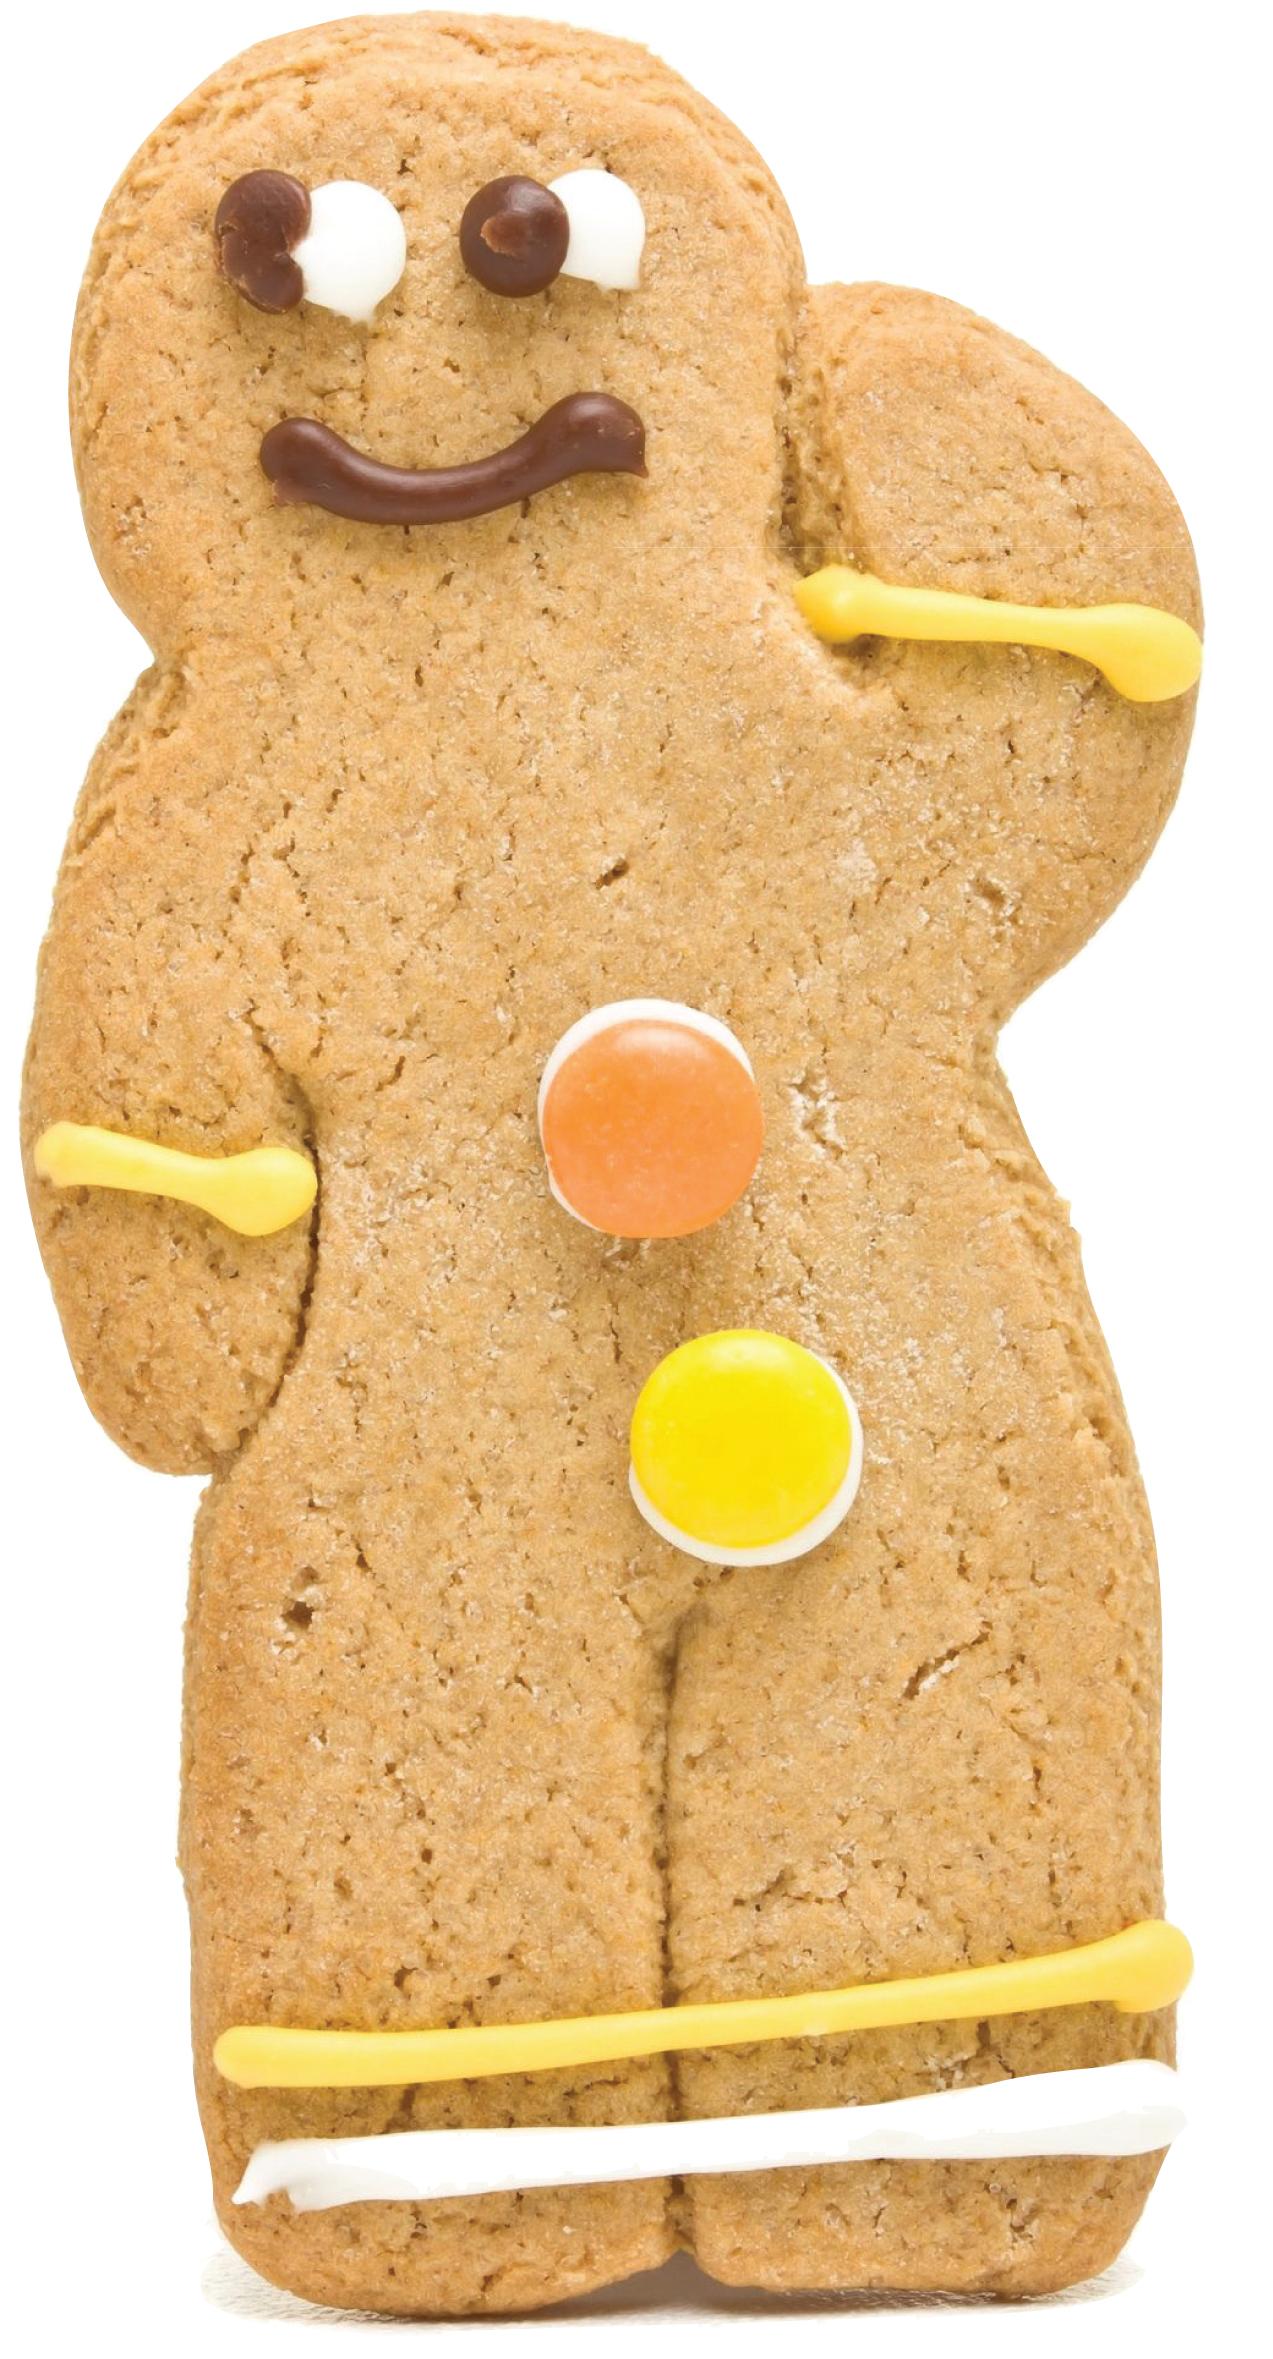 schools ban bake sales